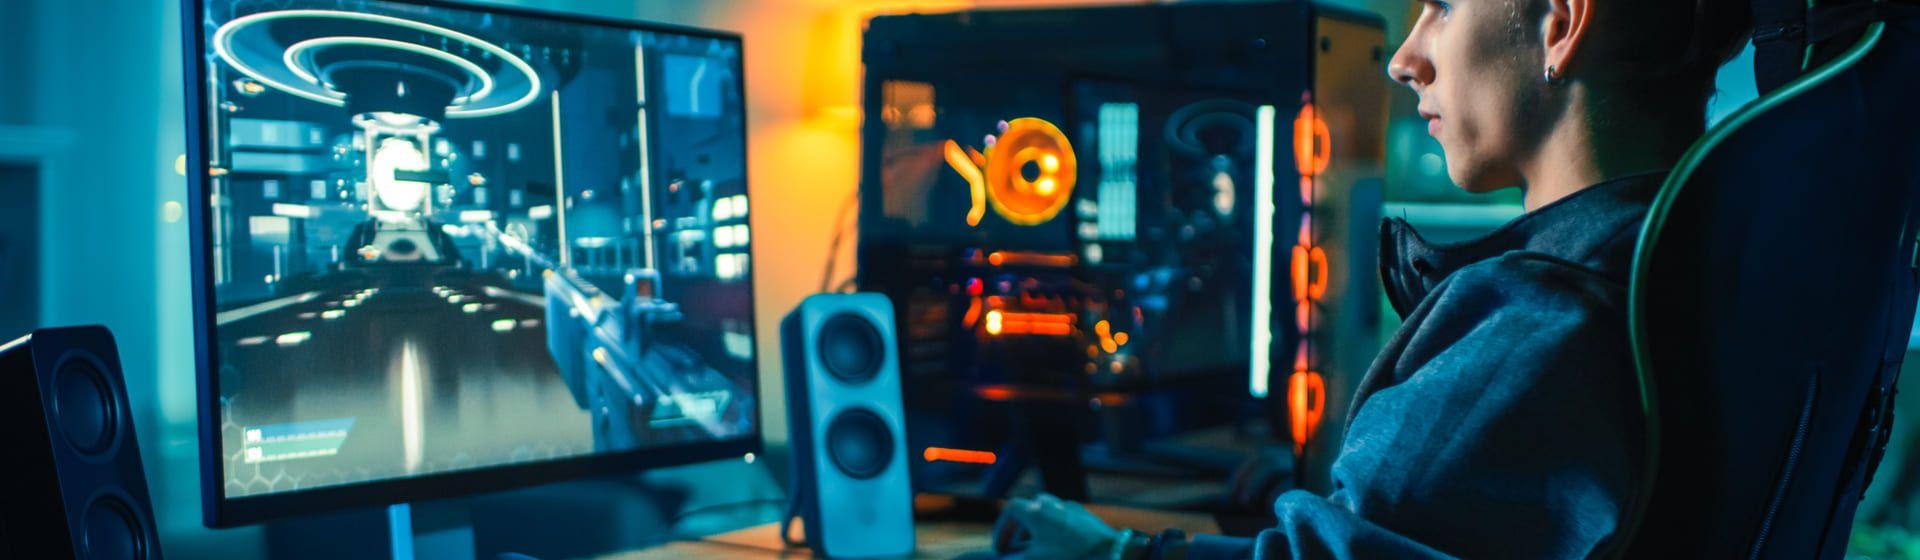 Melhor monitor 165Hz: 11 modelos para comprar em 2021